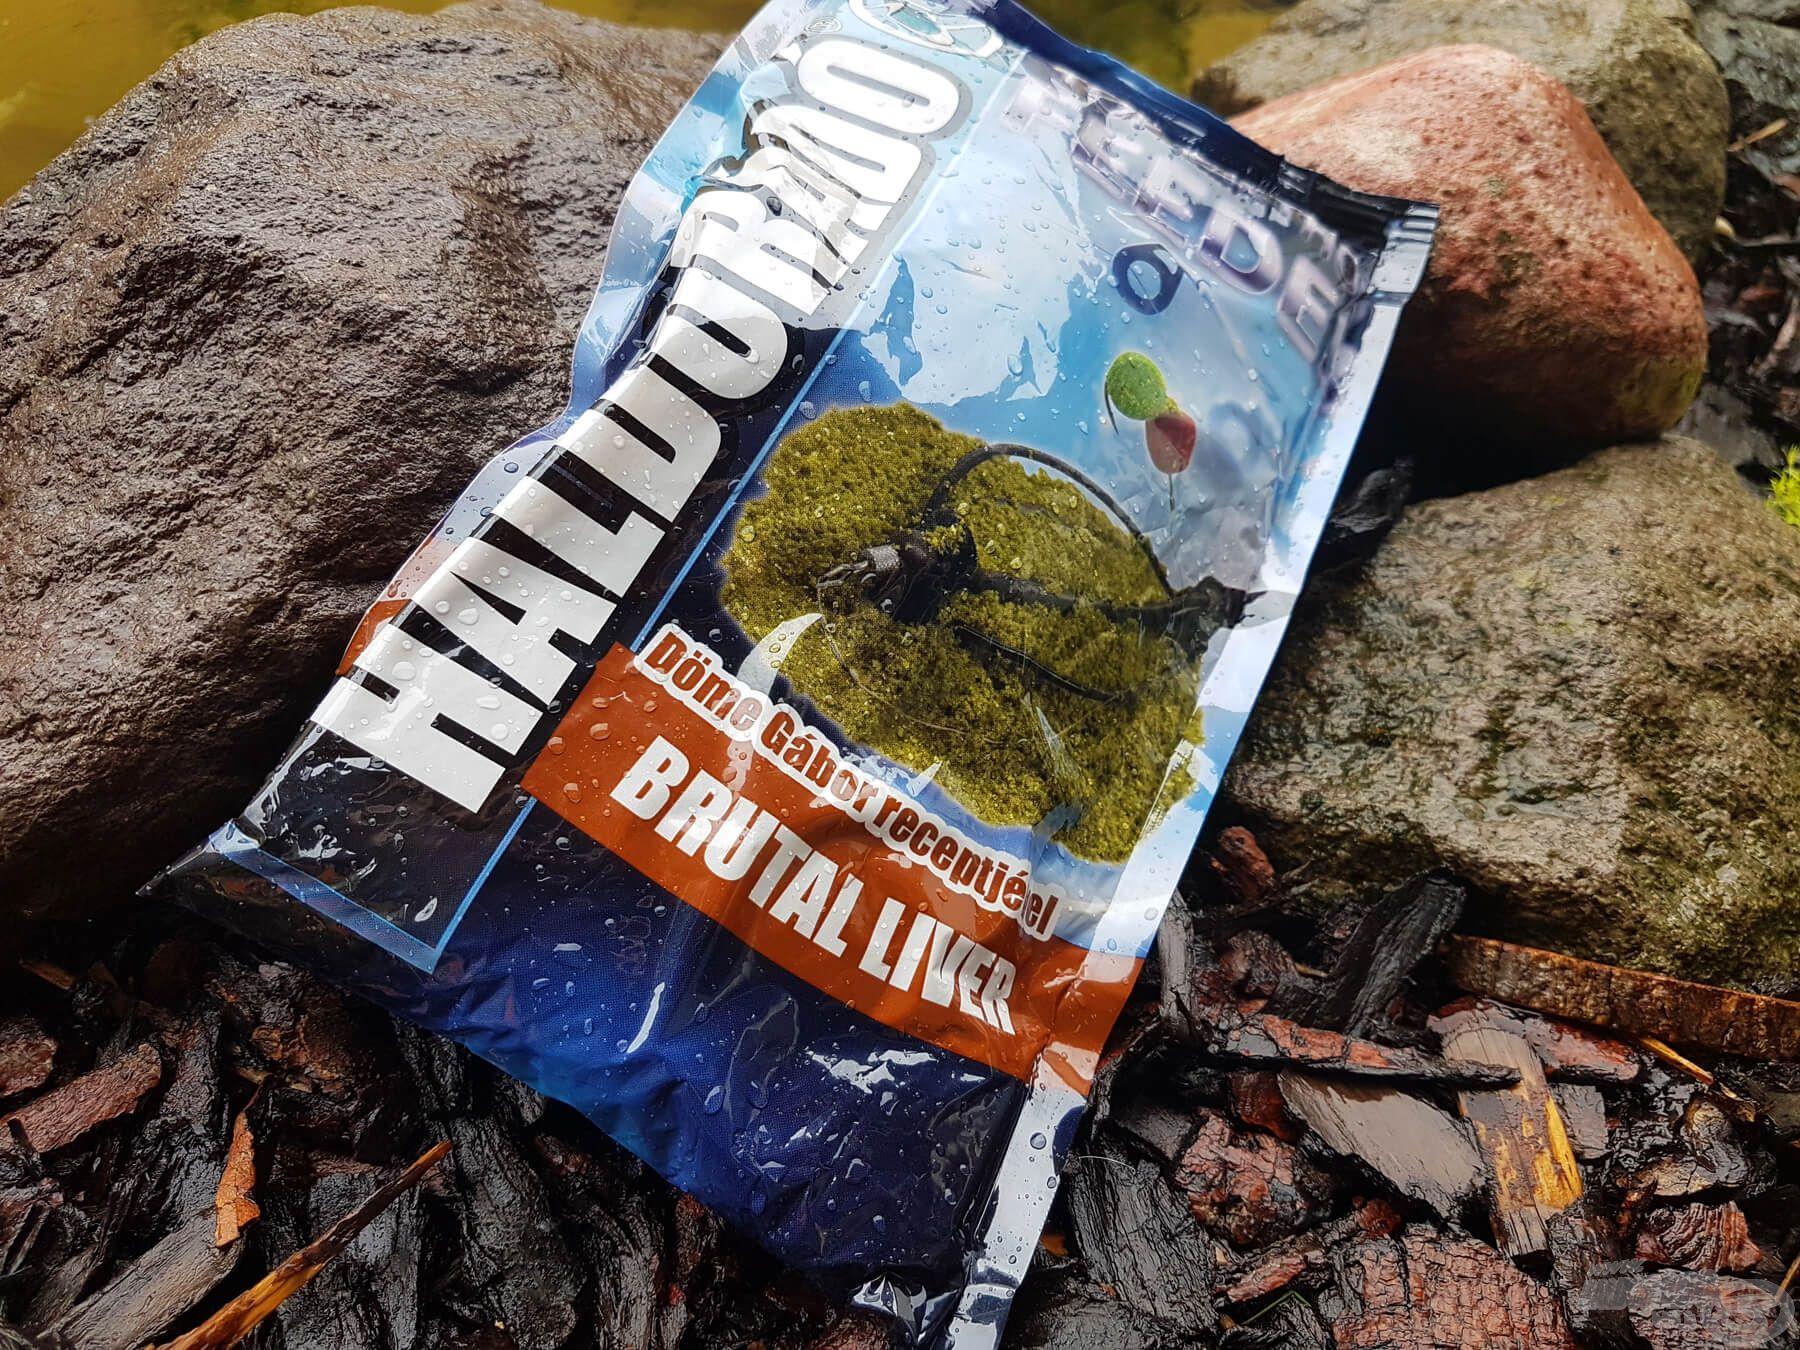 A Brutal Liver etetőanyag egy igazán tömény, erősen májas etetőanyag, amit leginkább a felmelegedett vizekben érdemes bevetni. Kora tavasszal én leginkább még csak mikropellet panírozására szoktam használni kis mennyiségben